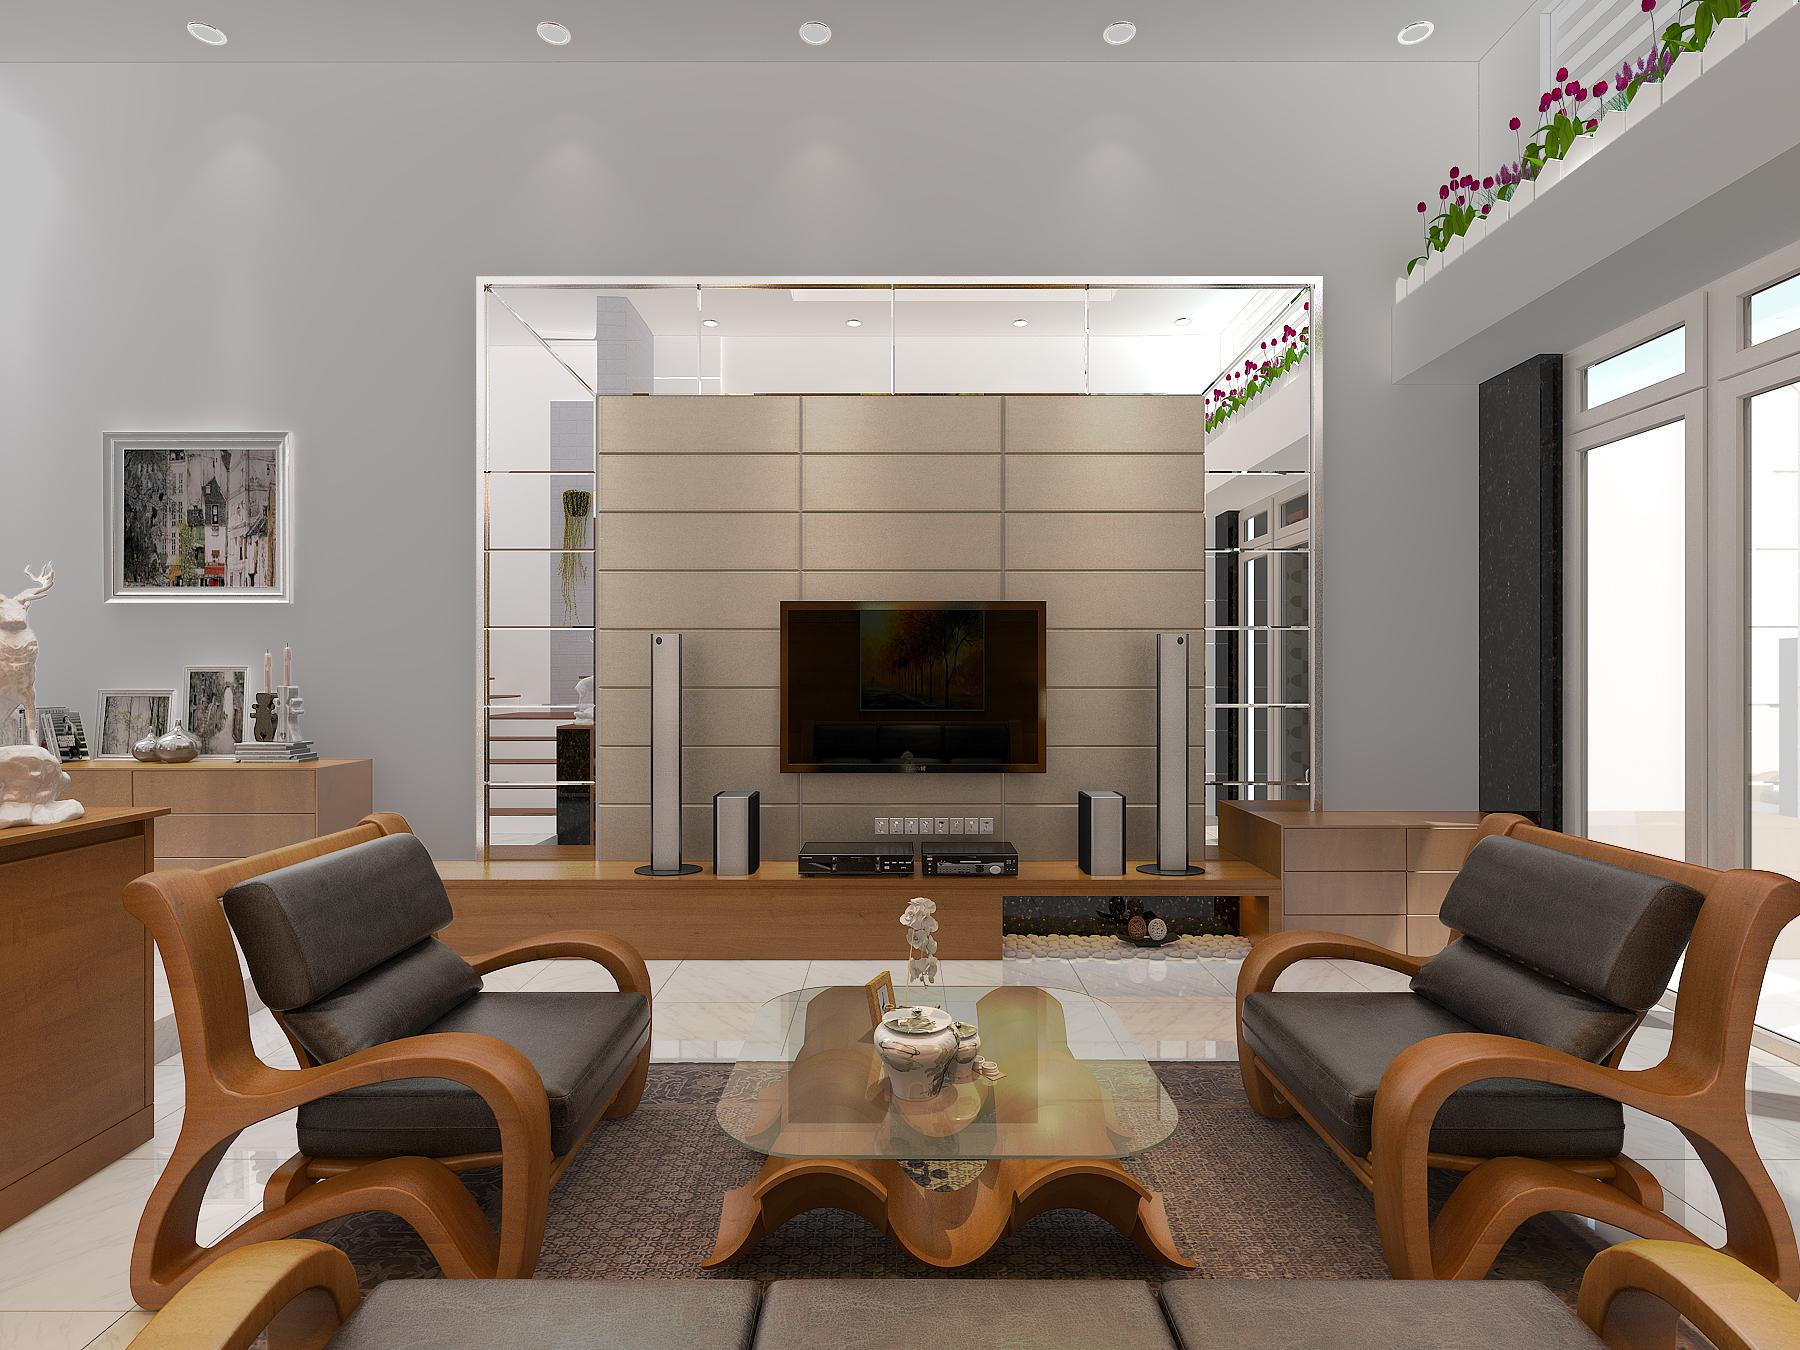 PHONG KHACH BEP 5 1 Mẫu thiết kế nhà đẹp 4,5x18m 3 tầng mới hiện đại ngập không gian xanh đẹp tuyệt ở Biên Hòa